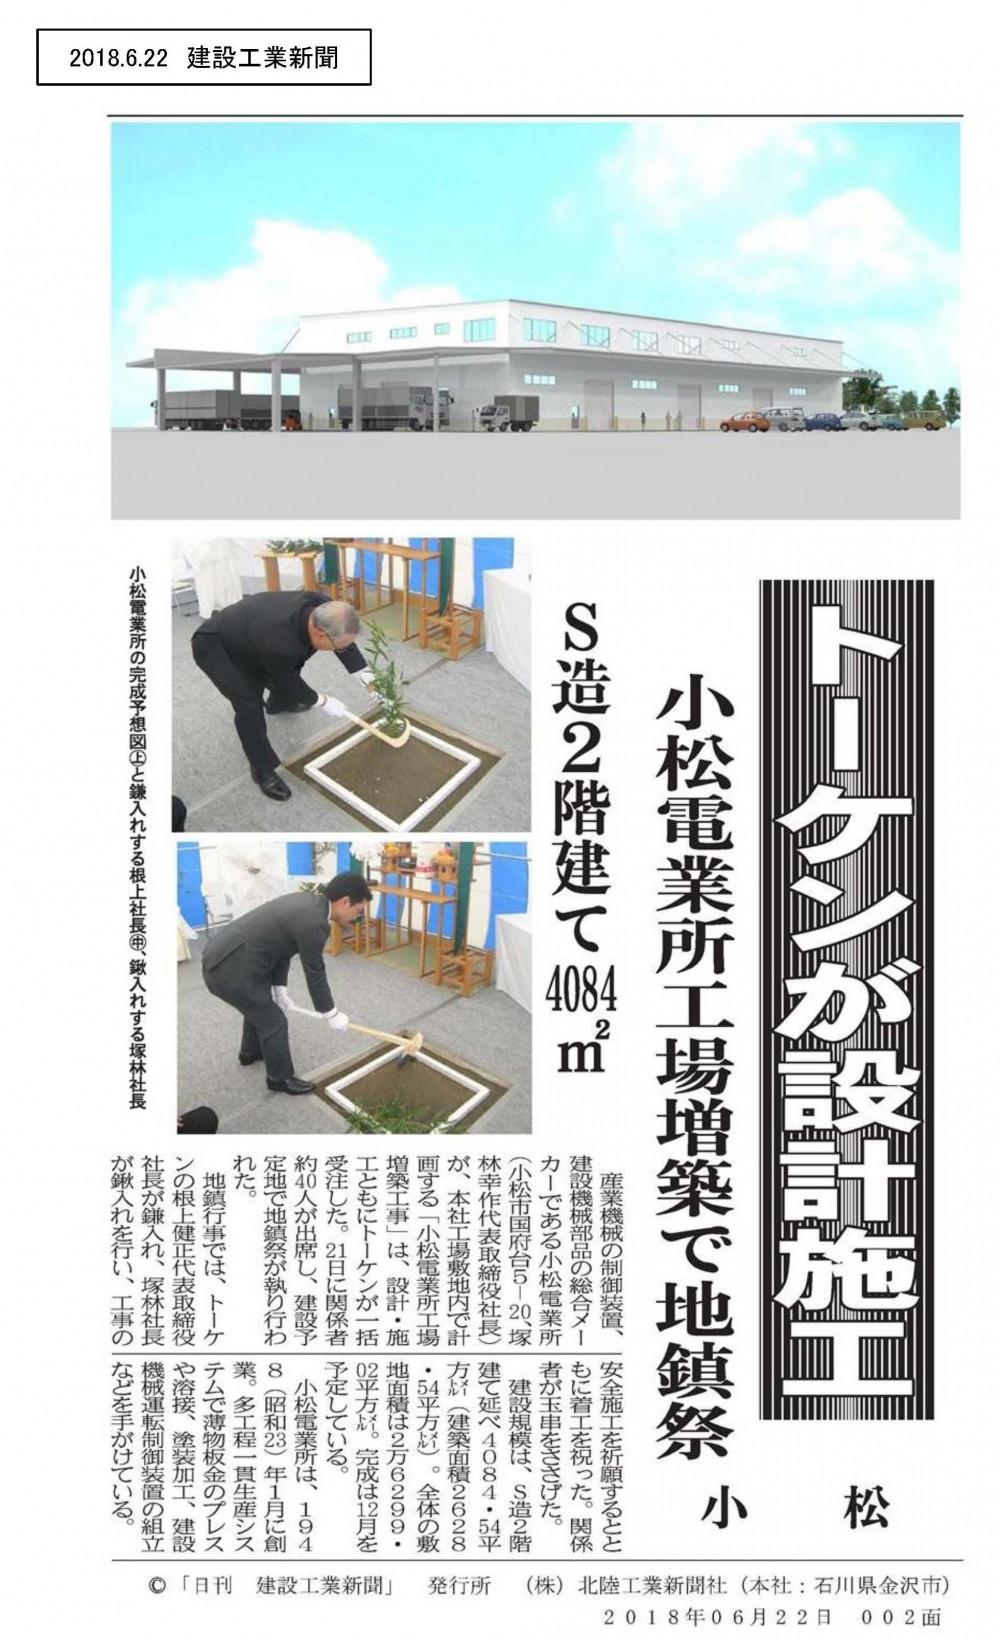 20180622_小松電業所「地鎮祭」(建工)